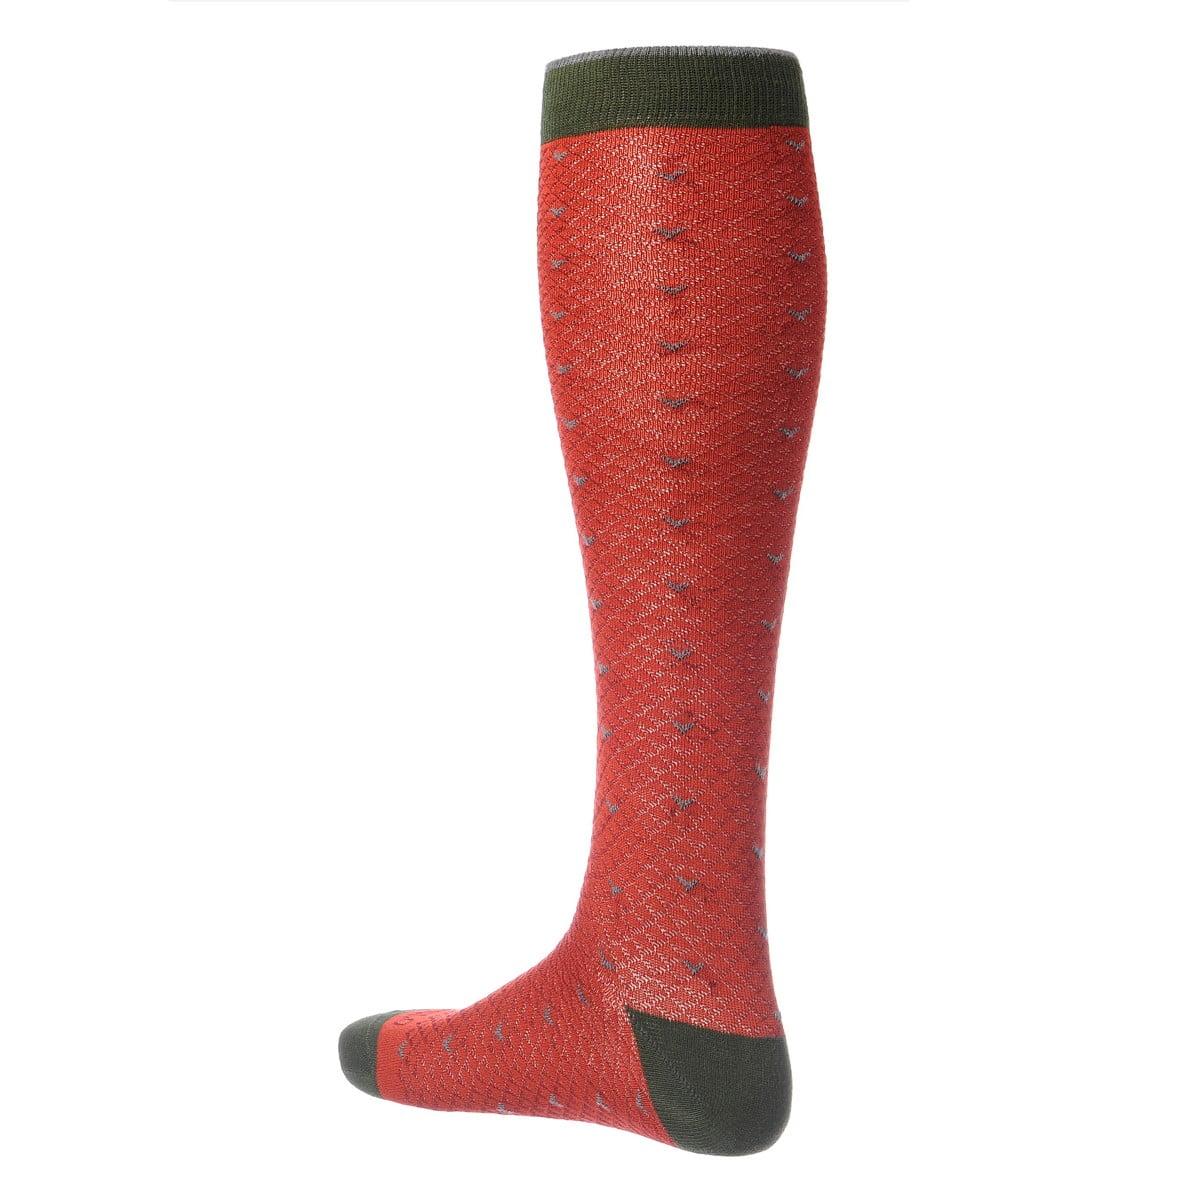 Gambaletto Gallo da Uomo color sangue - retro